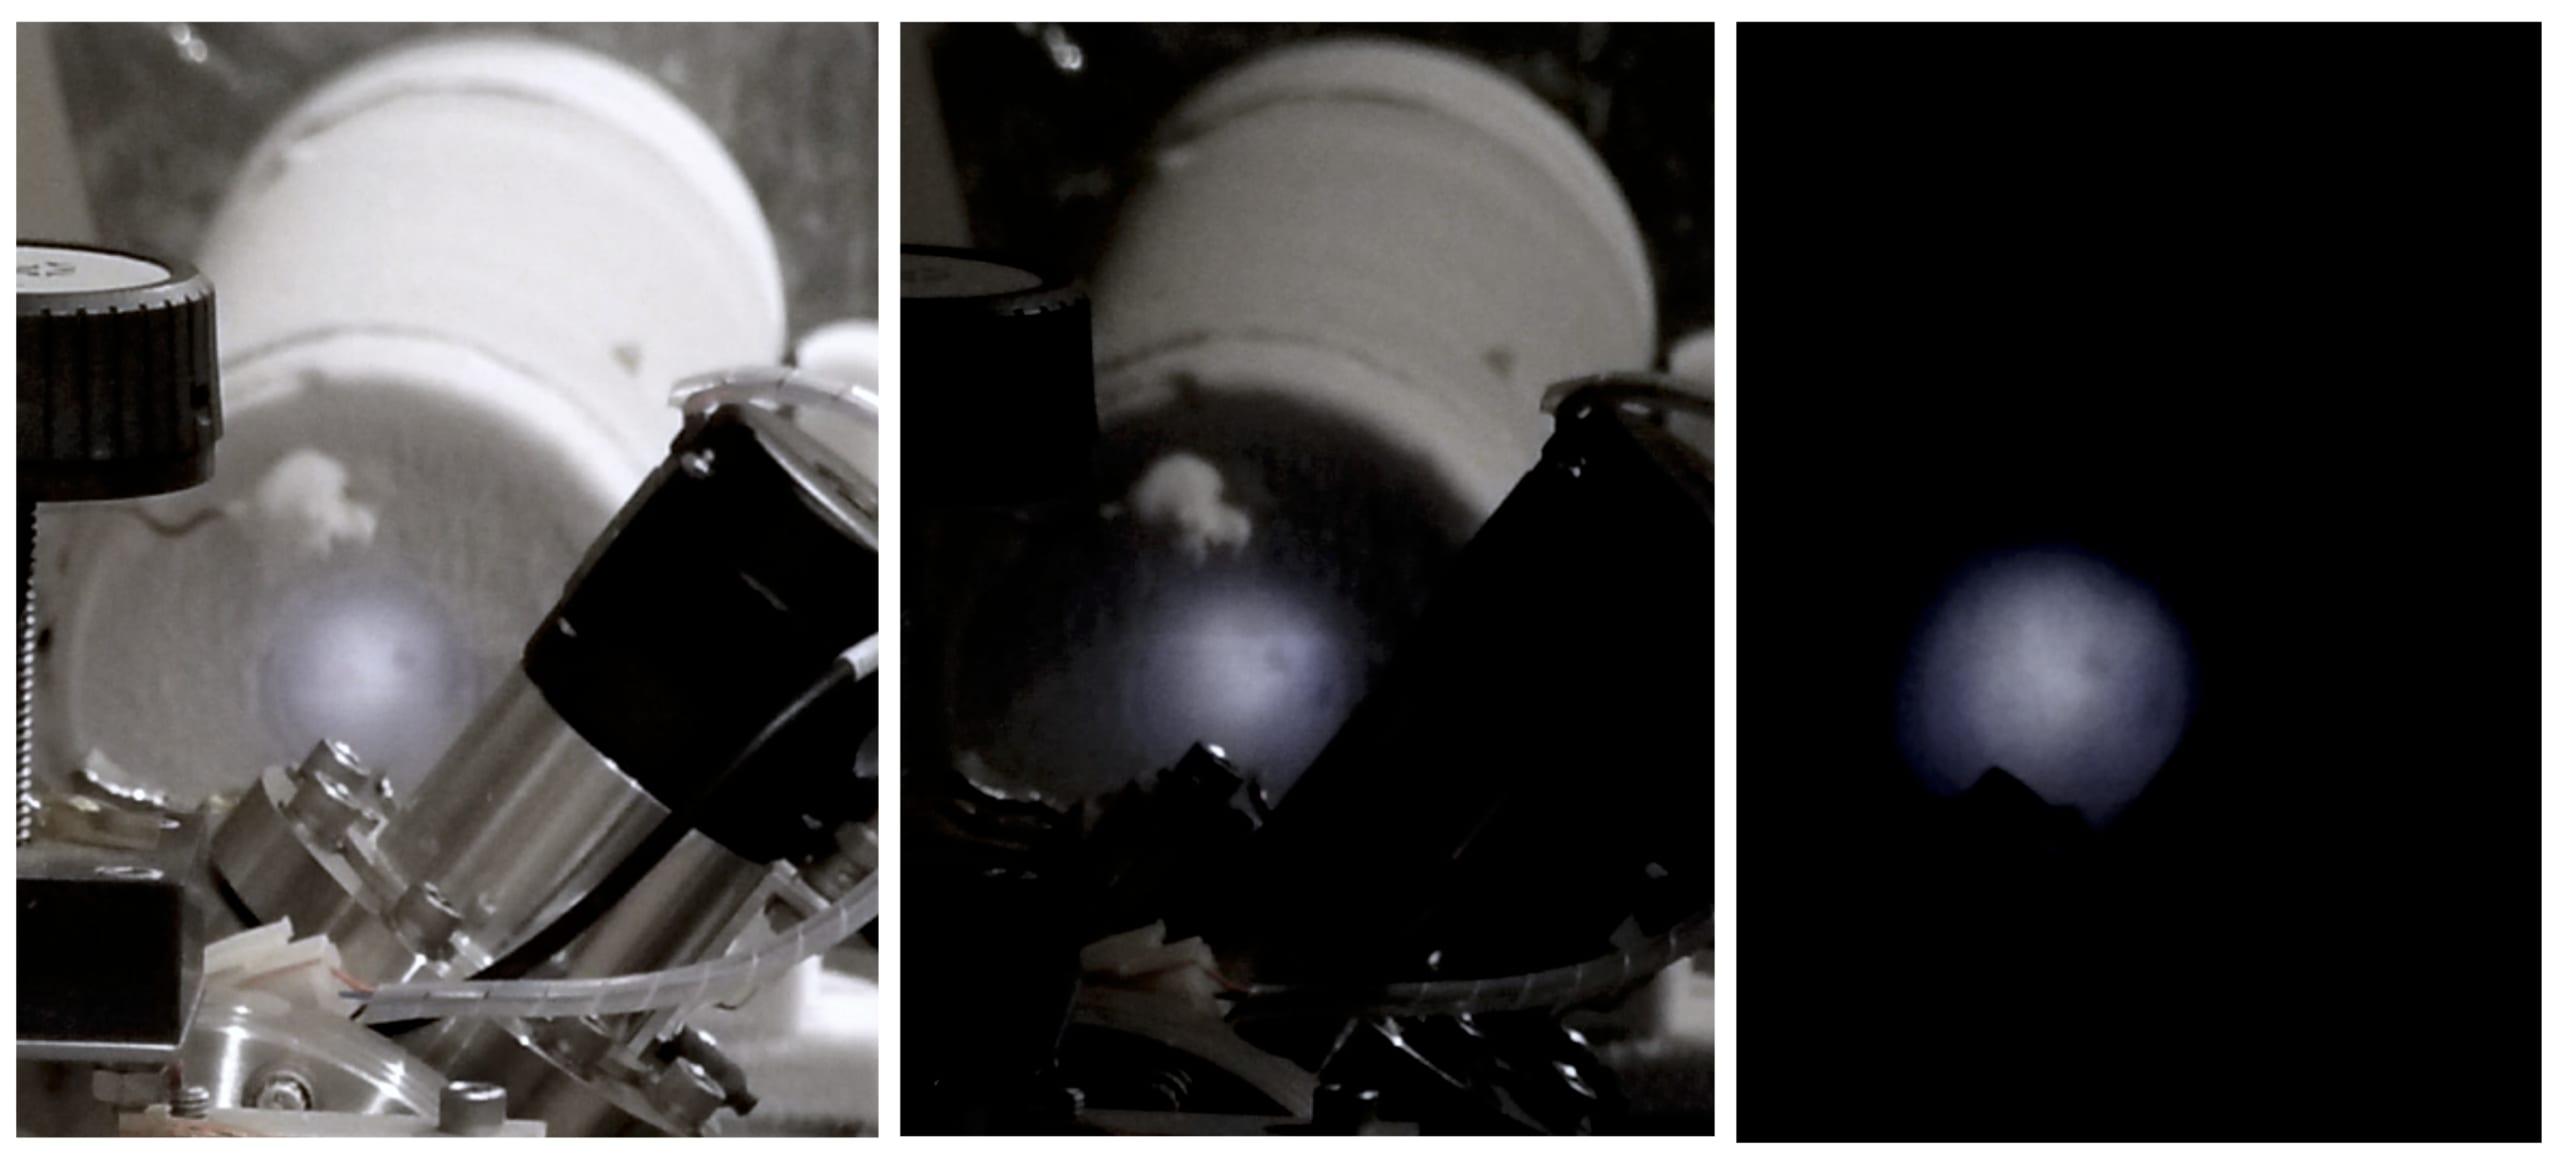 実験の様子。MeVの電子をエウロパ表面氷に似せたサンプルに当てている。このとき氷はくらい中でも輝きを放つ。